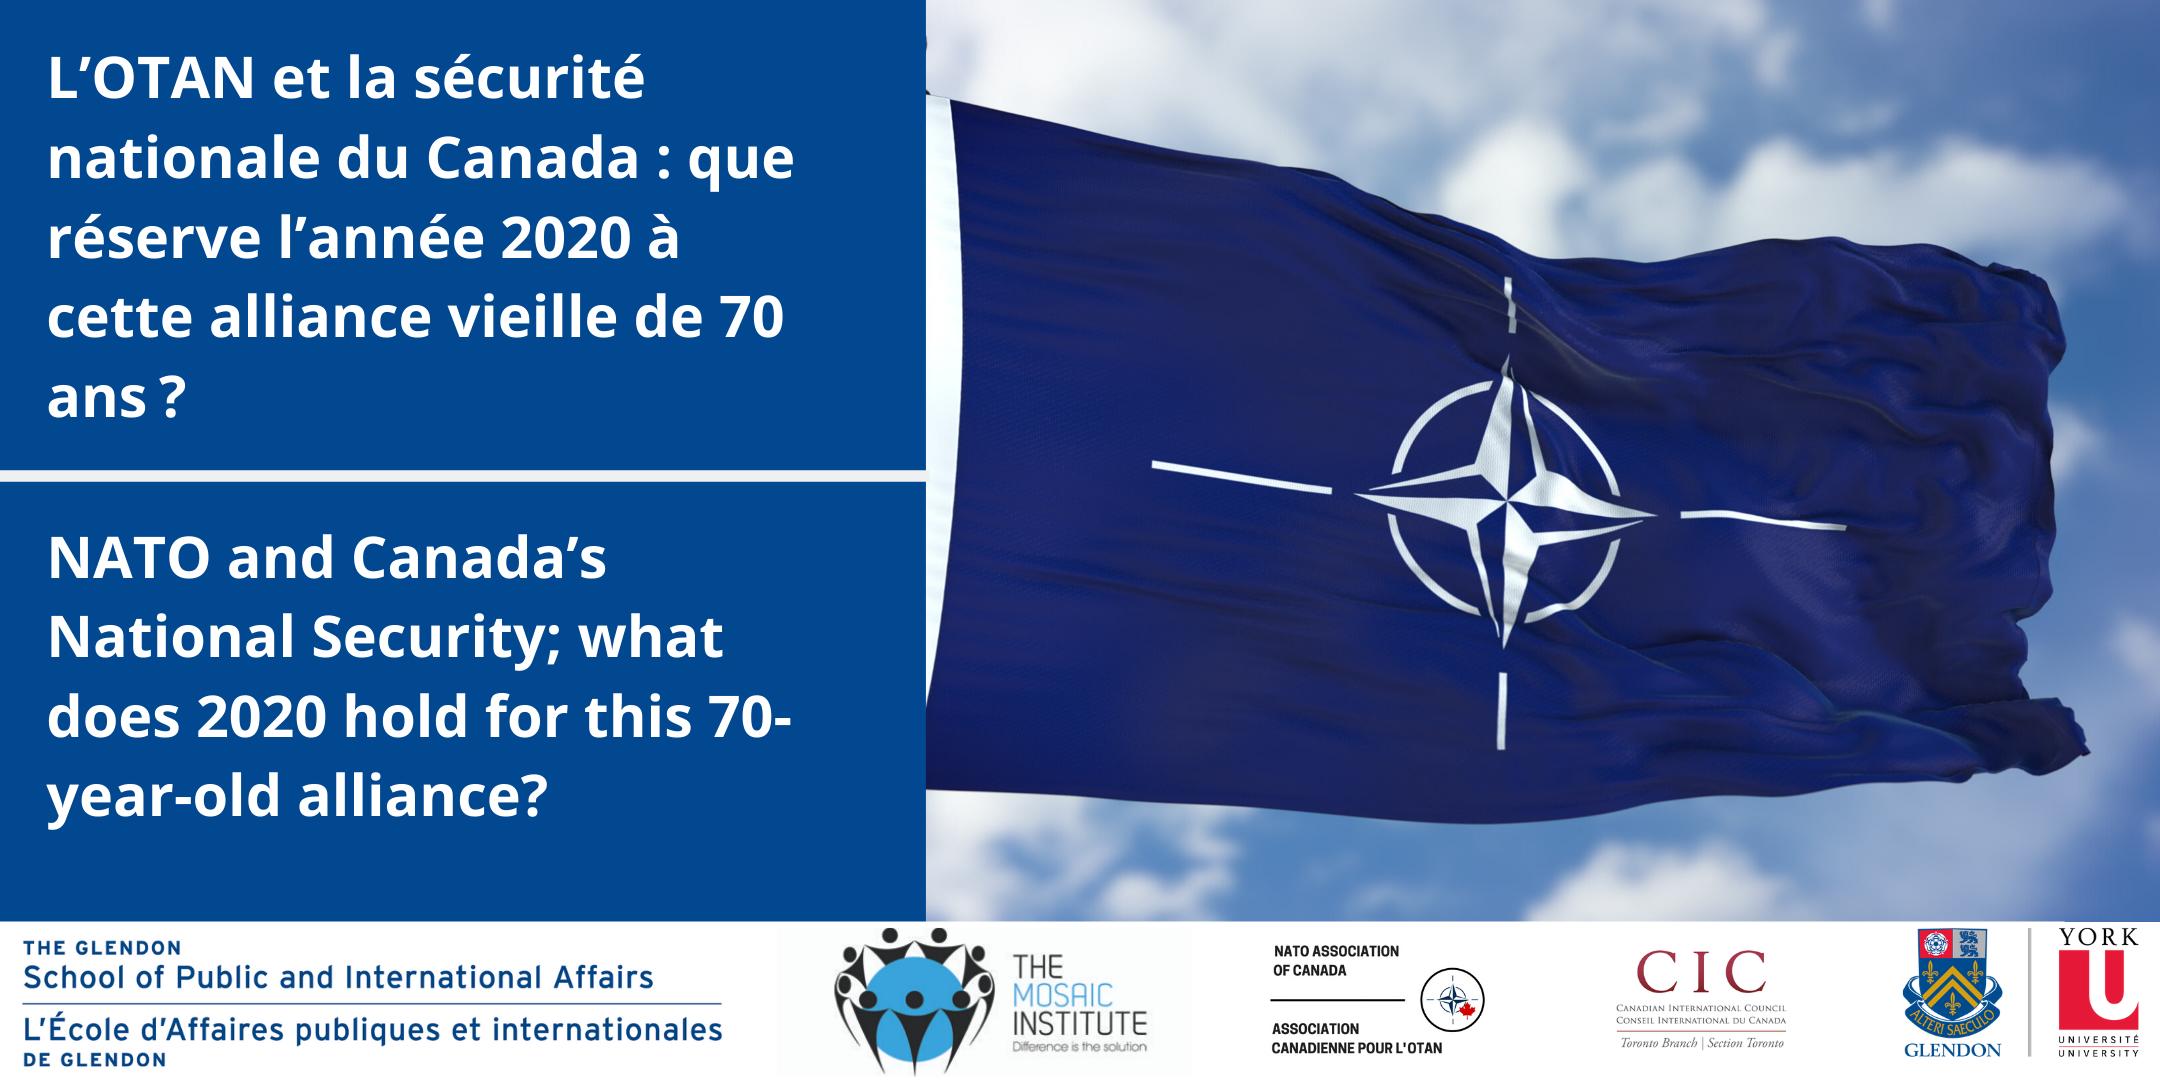 NATO and Canada's National Security | L'OTAN et la sécurité nationale